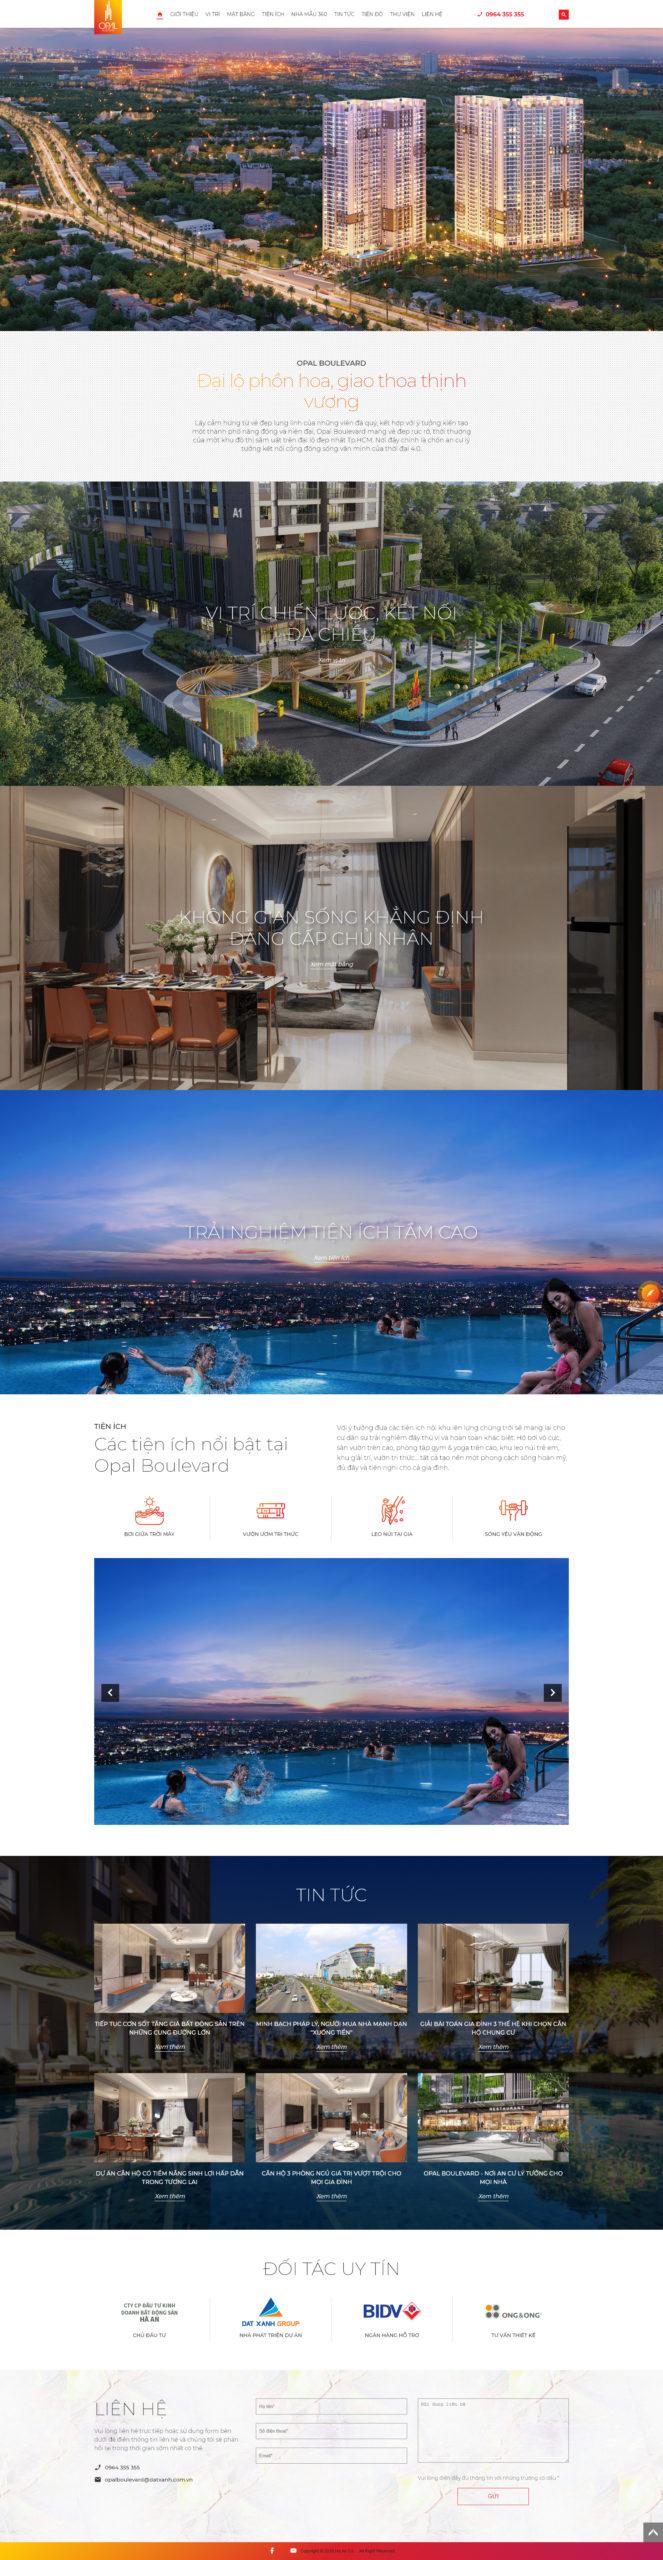 Mẫu thiết kế website Ming Boulevard